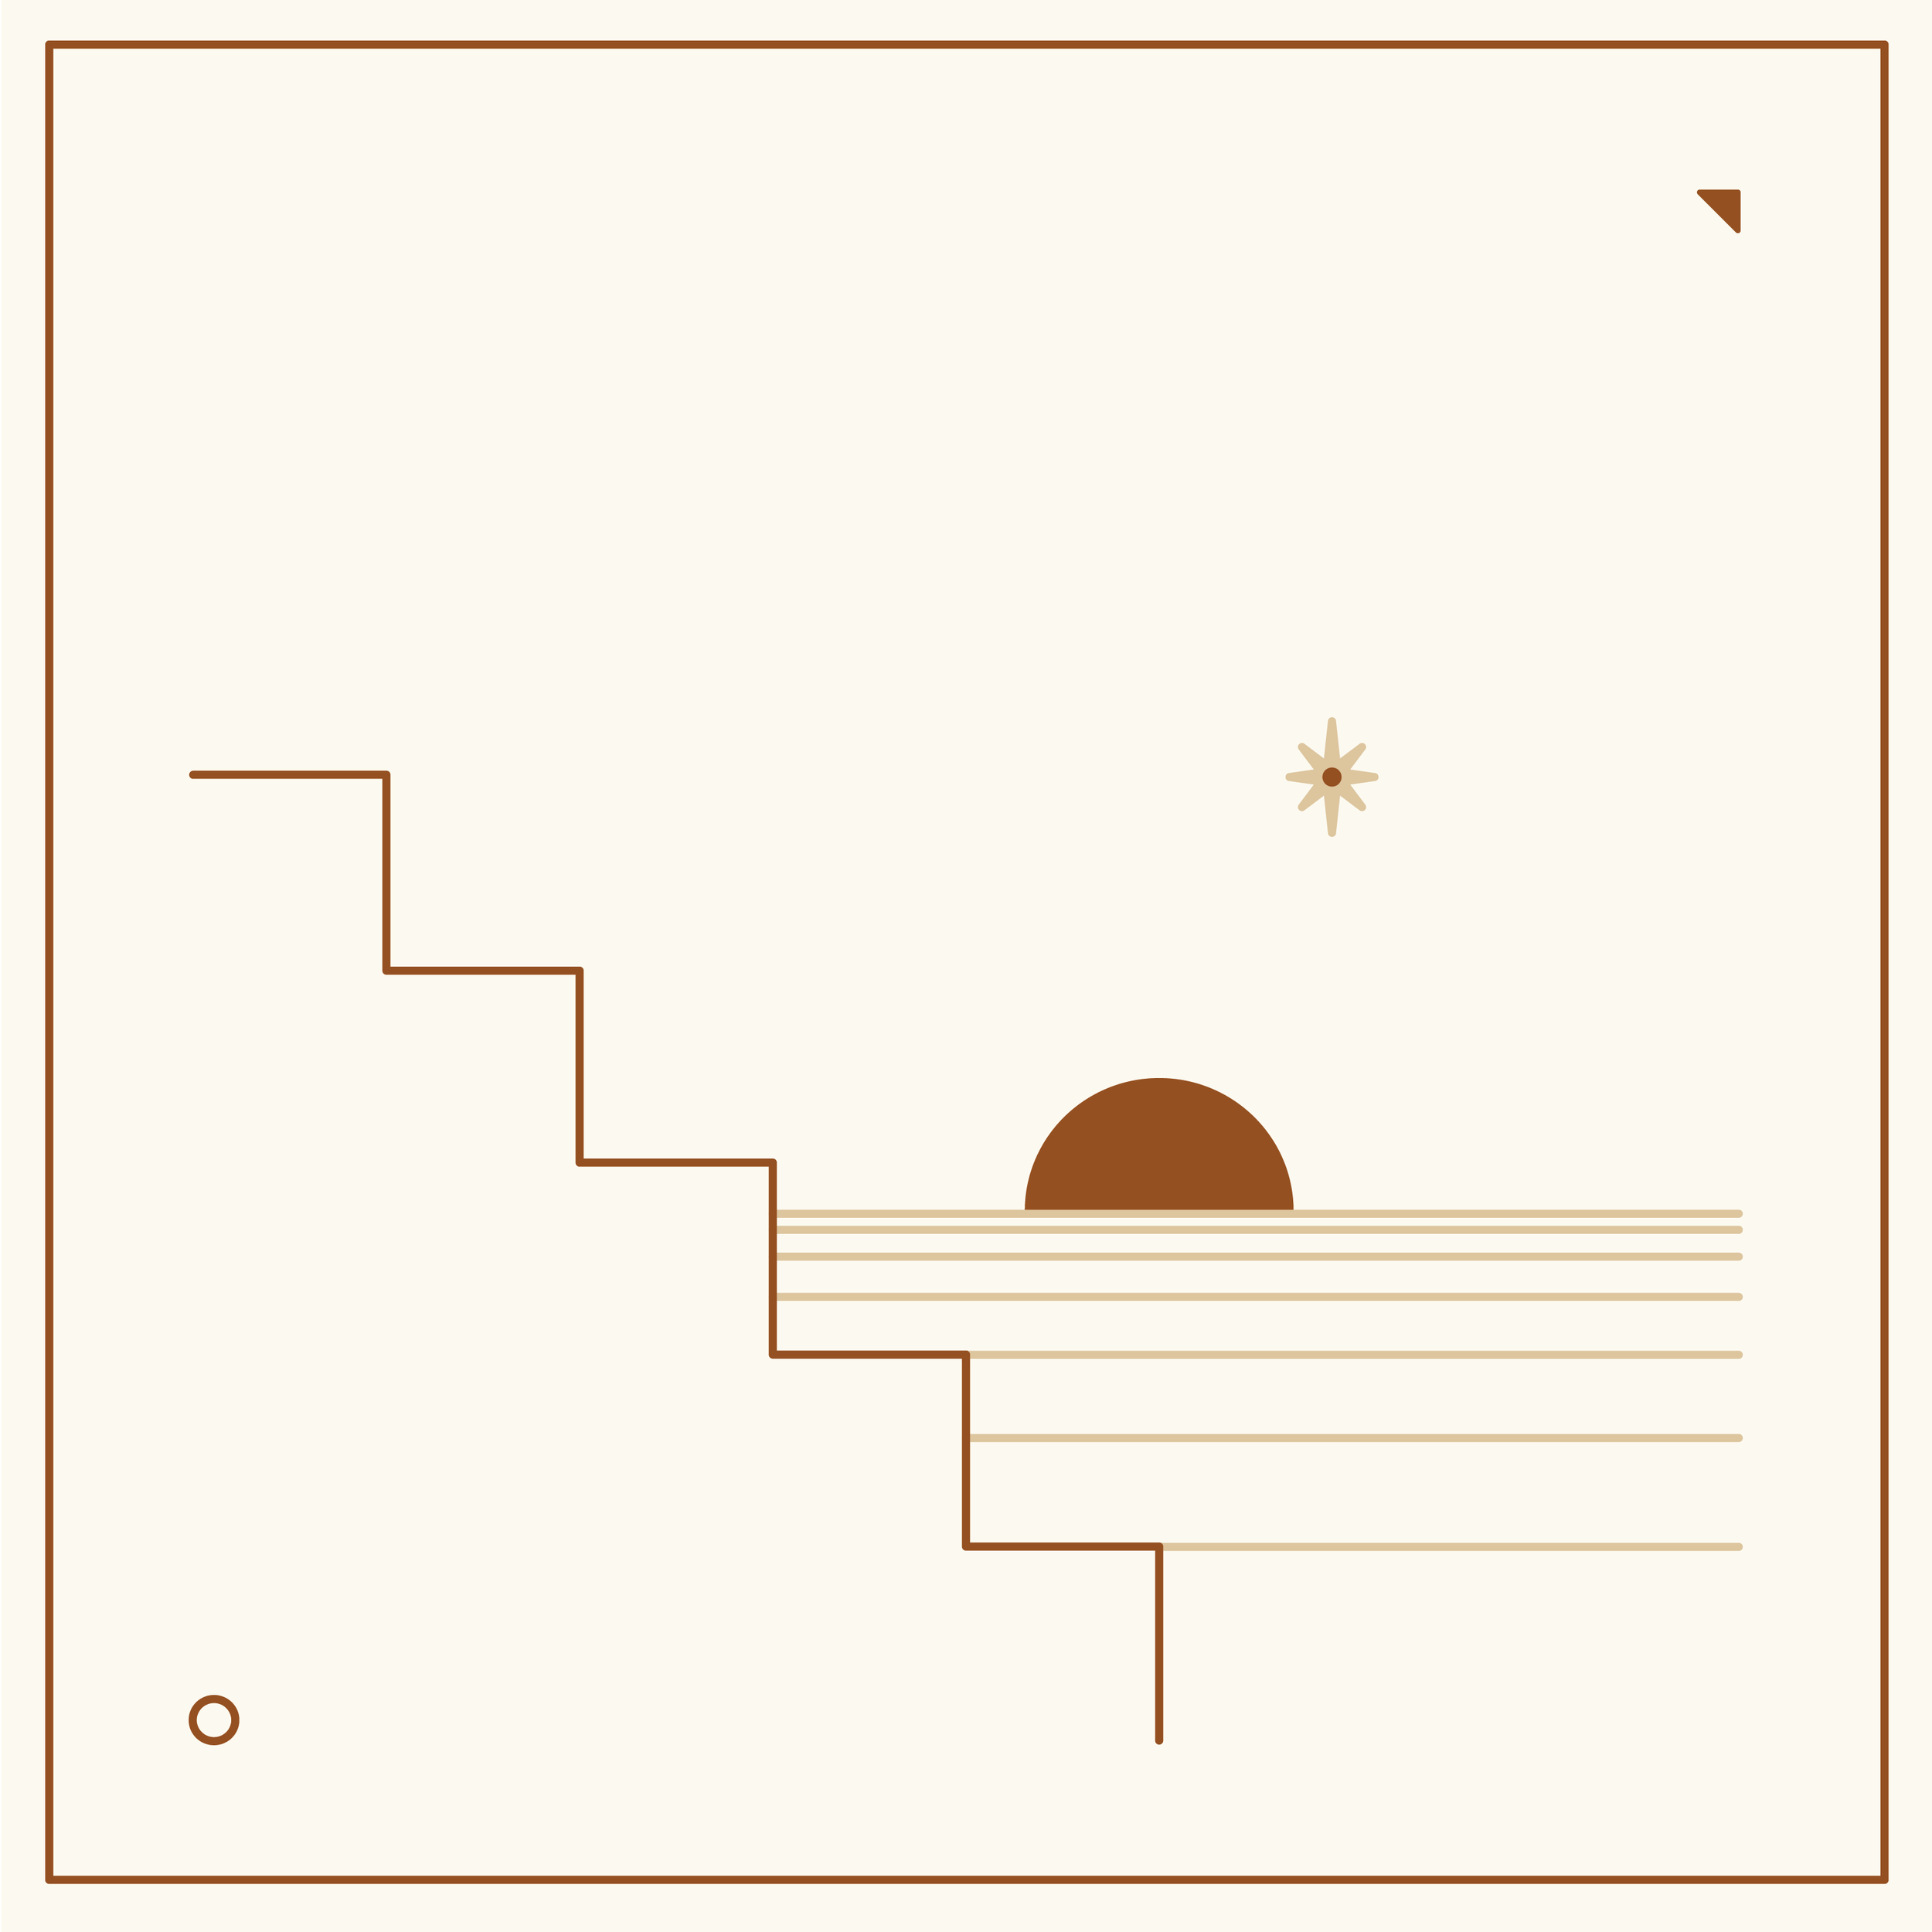 design1-01.png